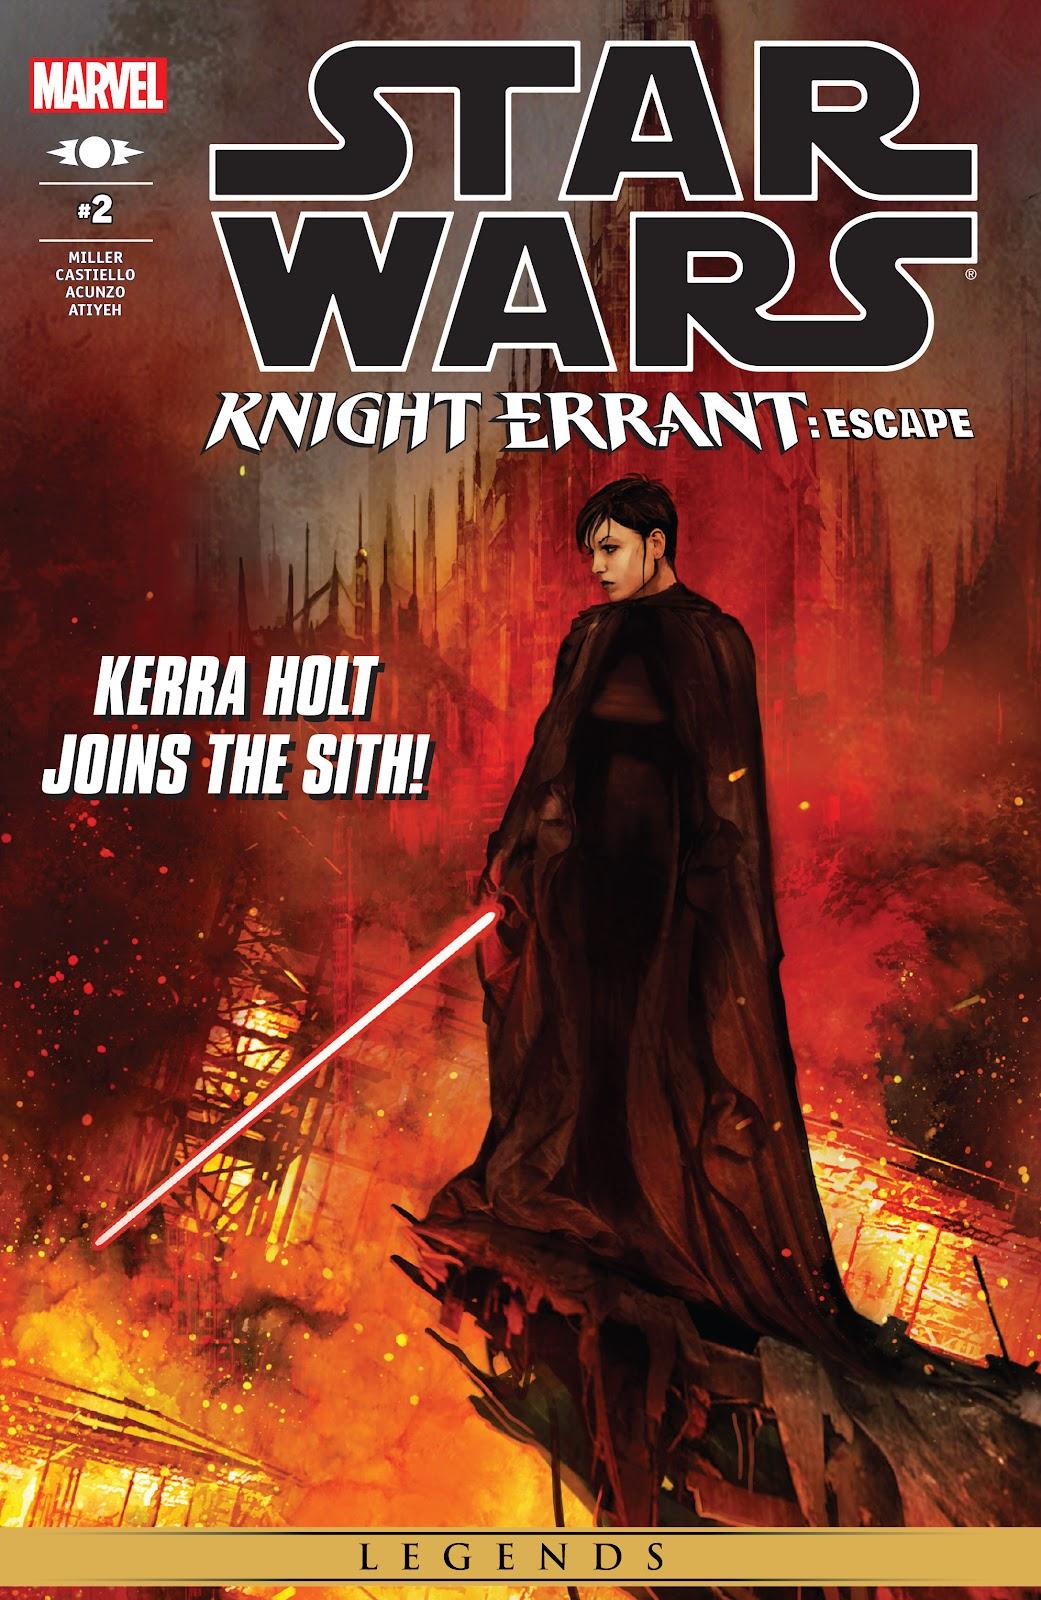 Star Wars: Knight Errant - Escape 2 Page 1